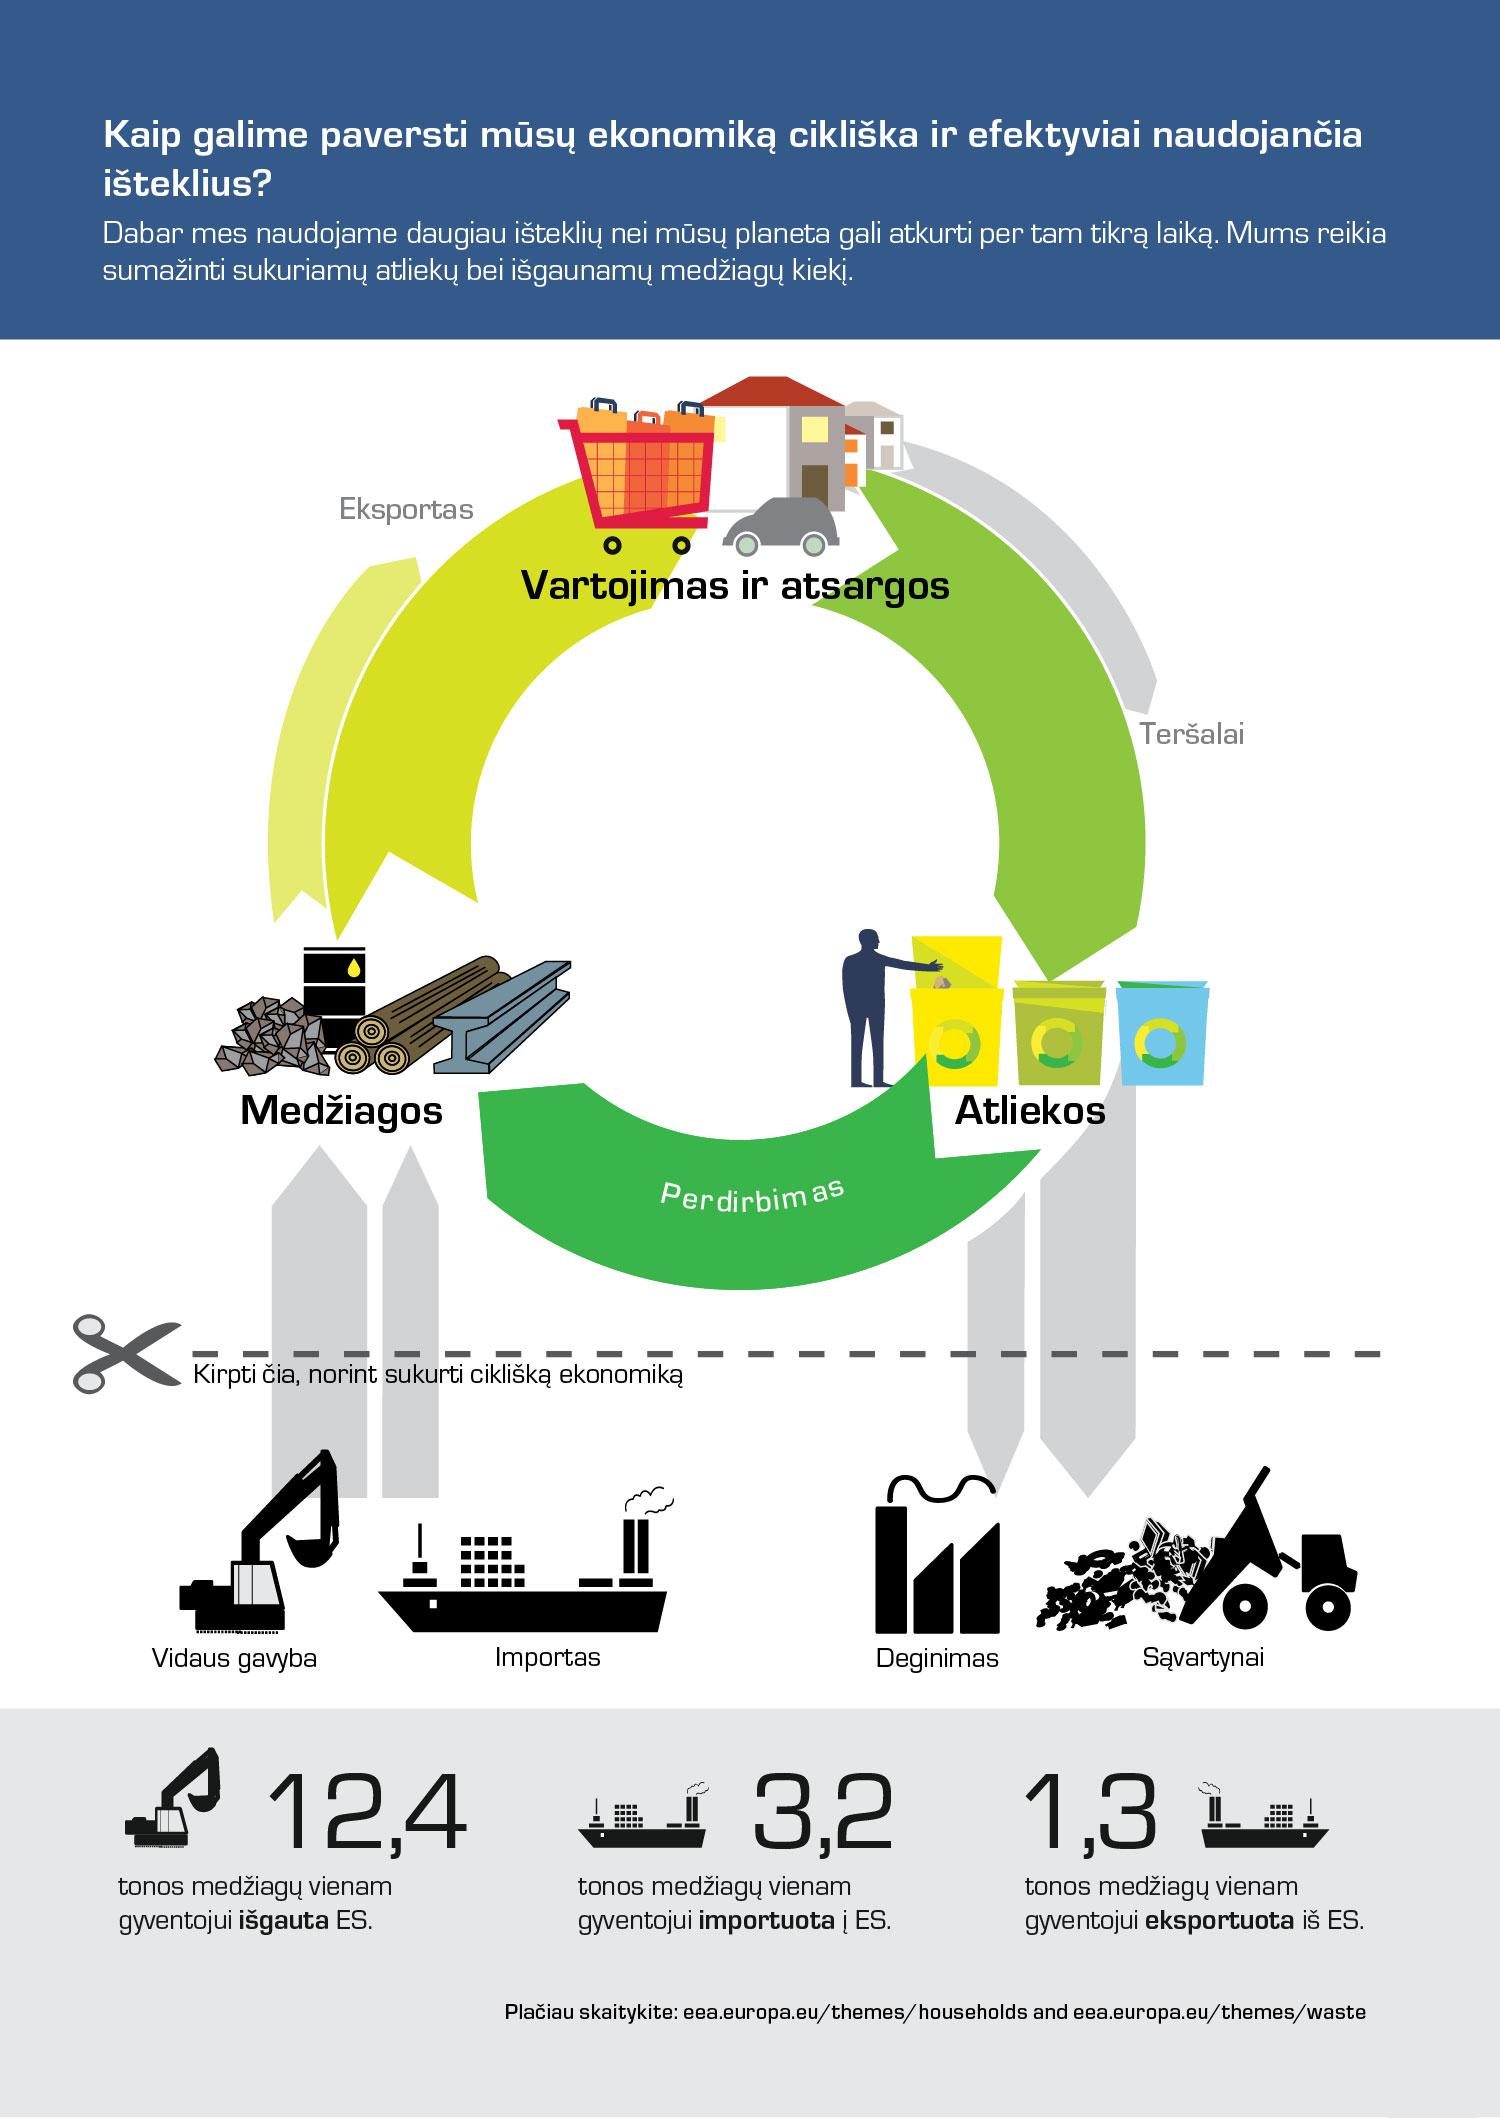 Kaip galime paversti mūsų ekonomiką cikliška ir efektyviai naudojančia išteklius?